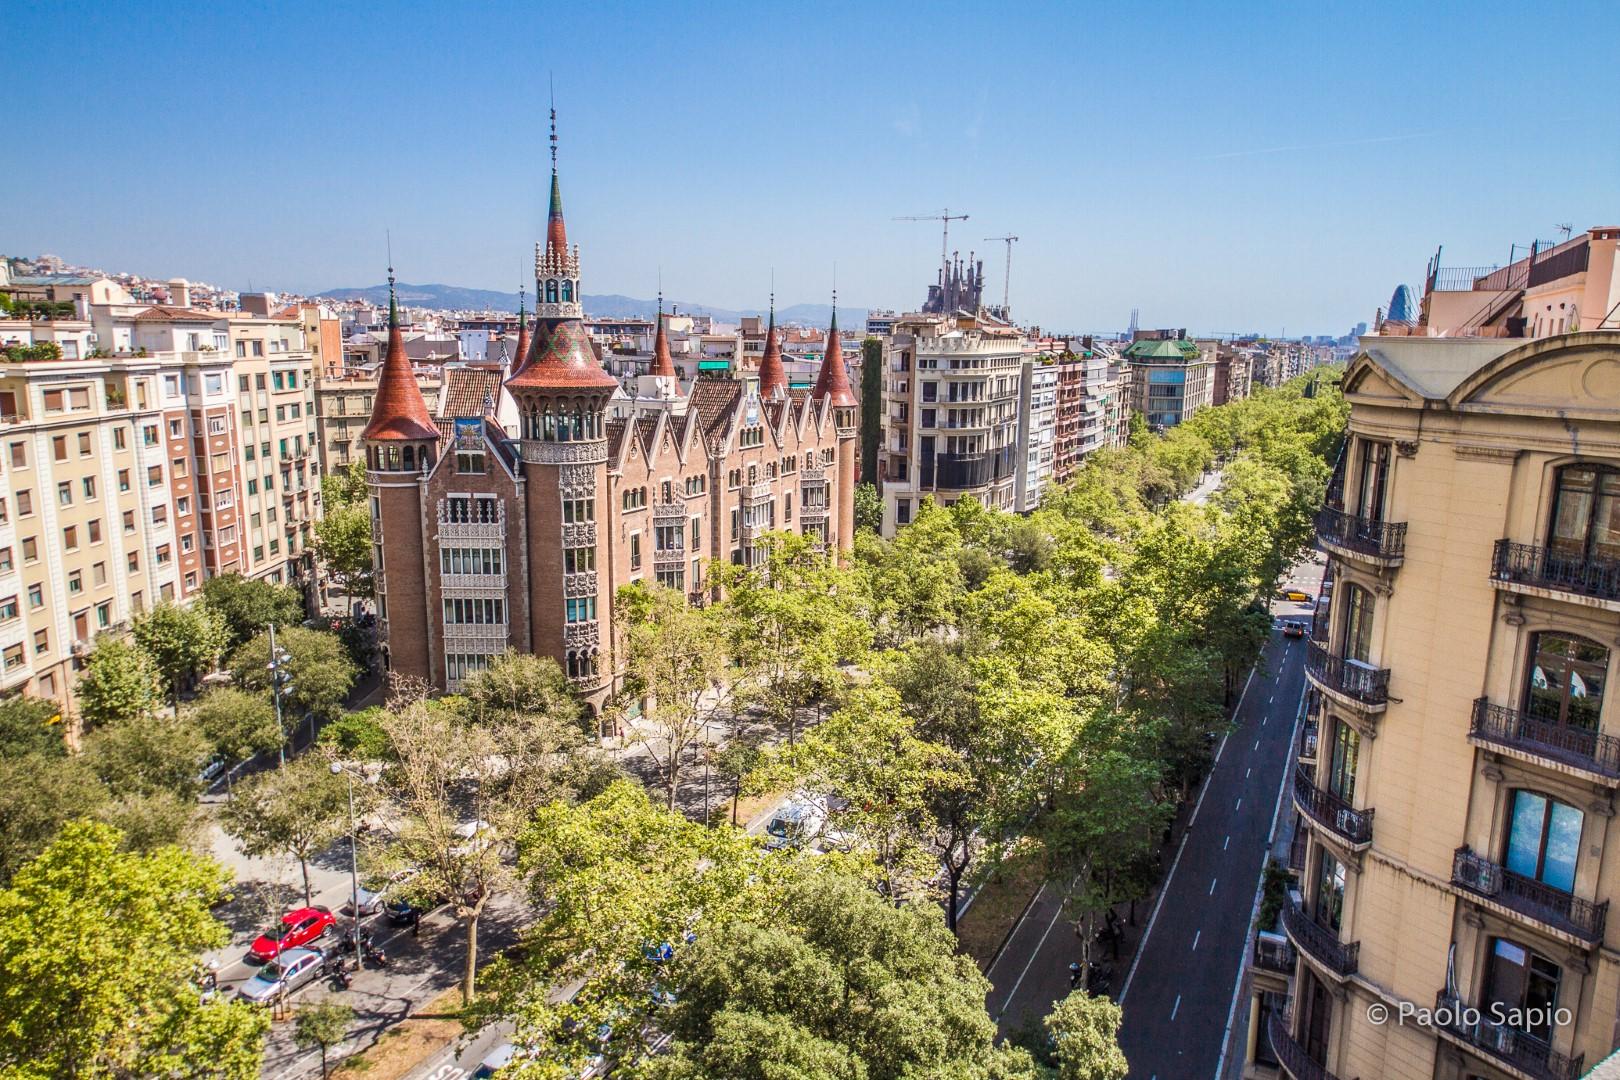 La casa de les punxes nuevo museo abierto en barcelona infotur barcelona - Casa de las punxes ...